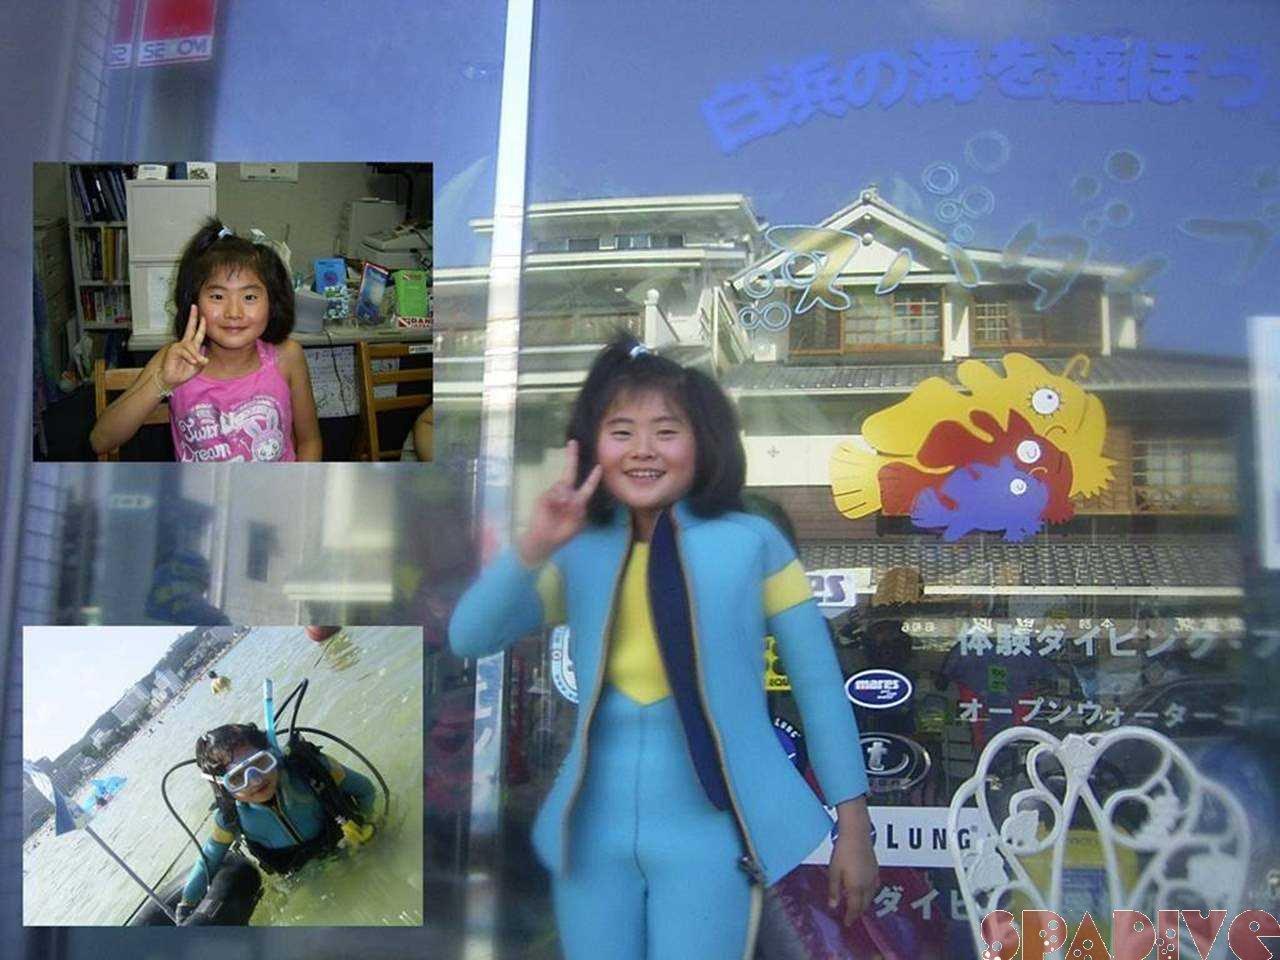 体験ダイビング(9歳バブルメーカー)|8/13/2004白浜権現崎